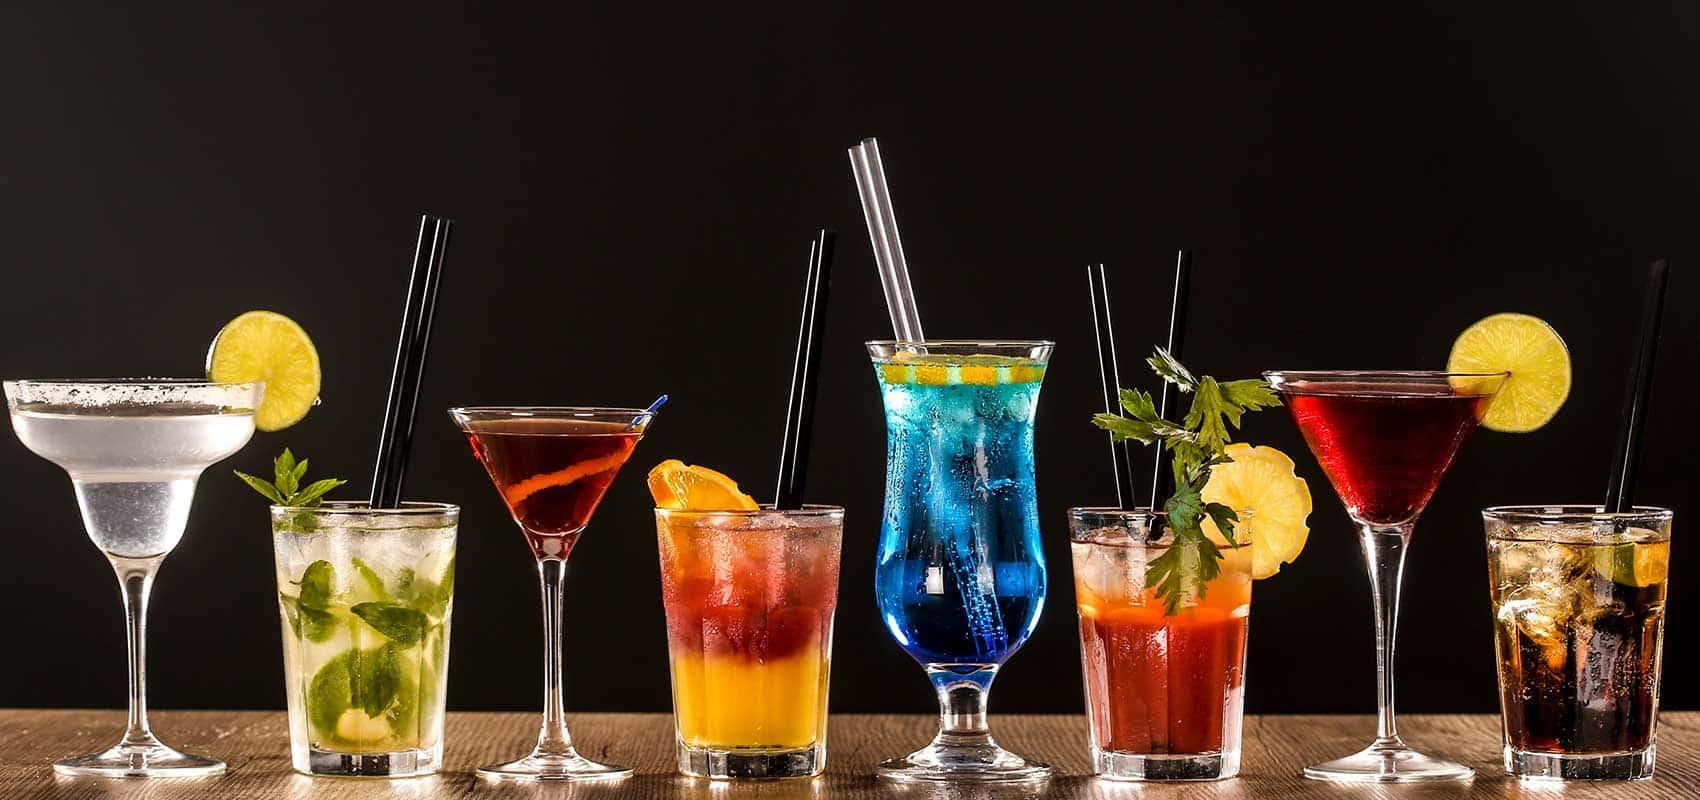 Calling all Bar Tenders! Image